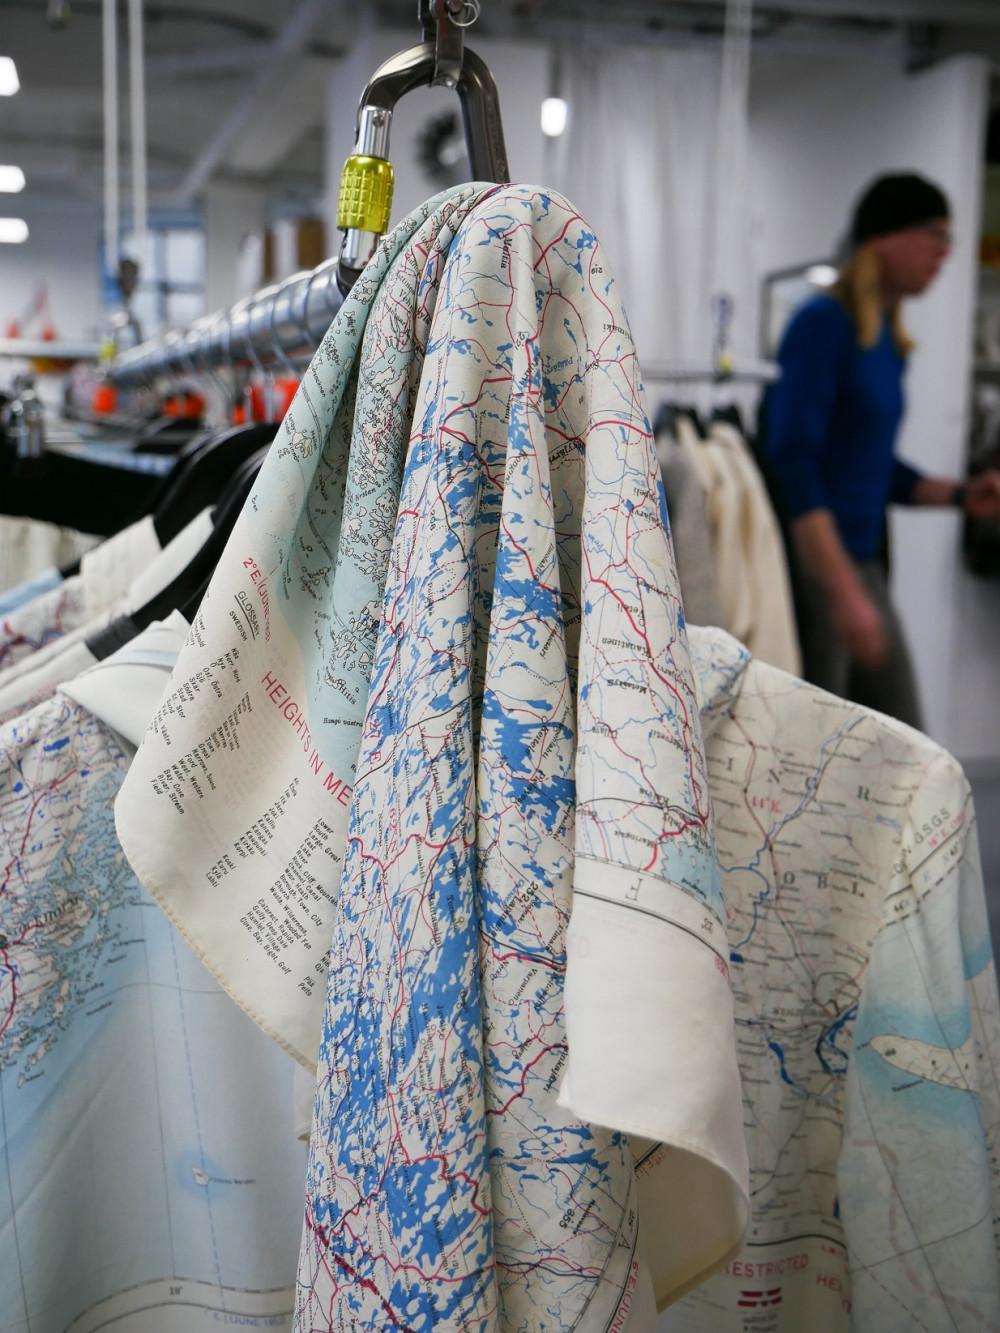 Áo khoác và khăn choàng lụa từ chất liệu bản đồ cổ của RÆBURN (Ảnh: TimetoSew)